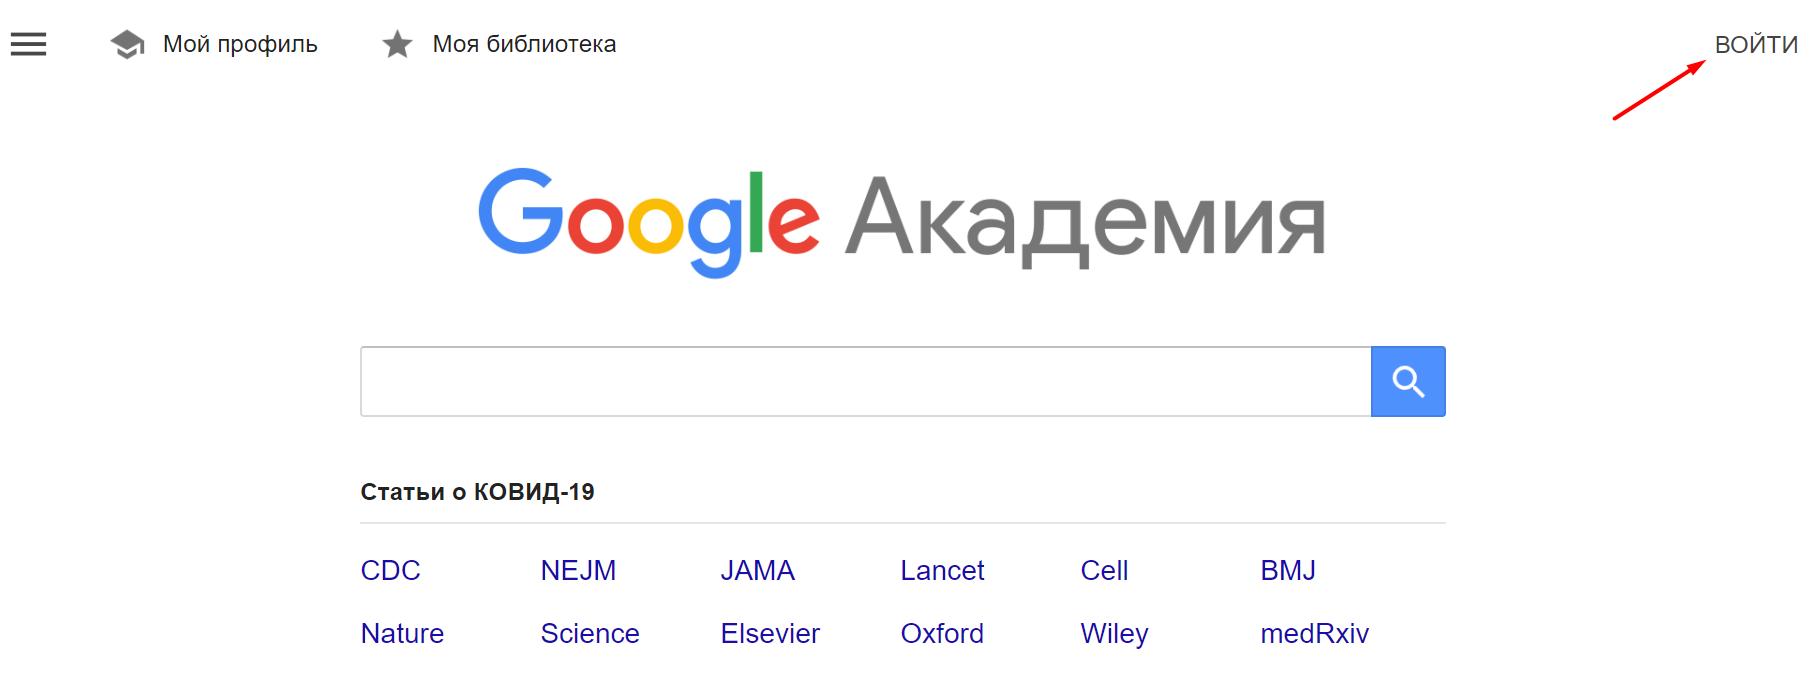 Сайт поисковой системы «Гугл Академия»